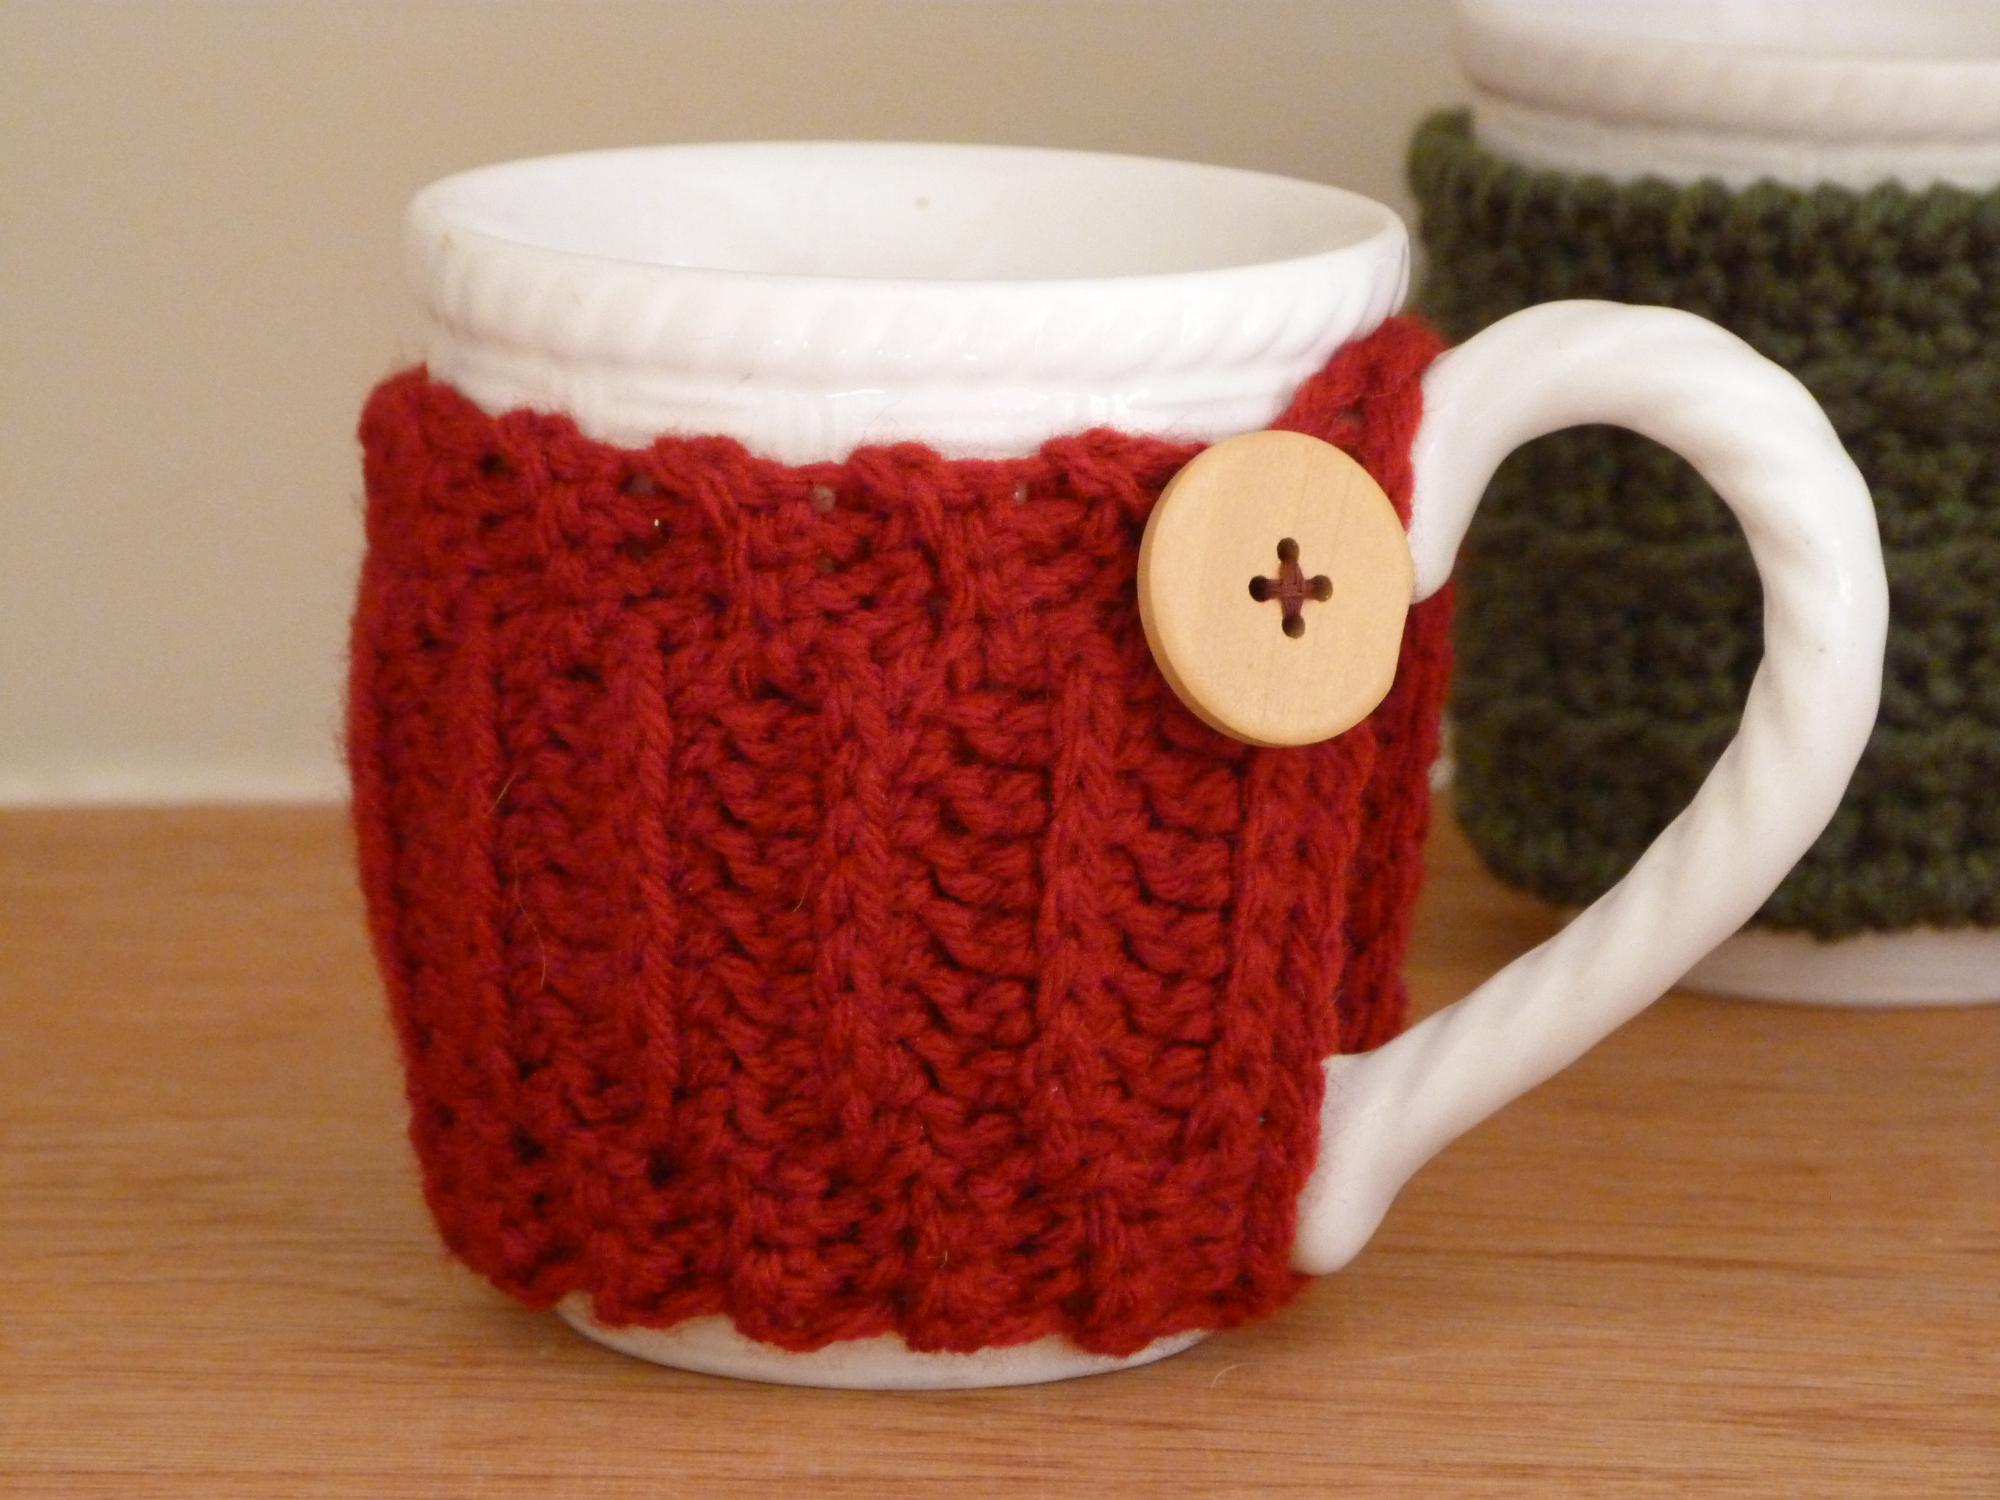 2. Sweater Mug Cozies